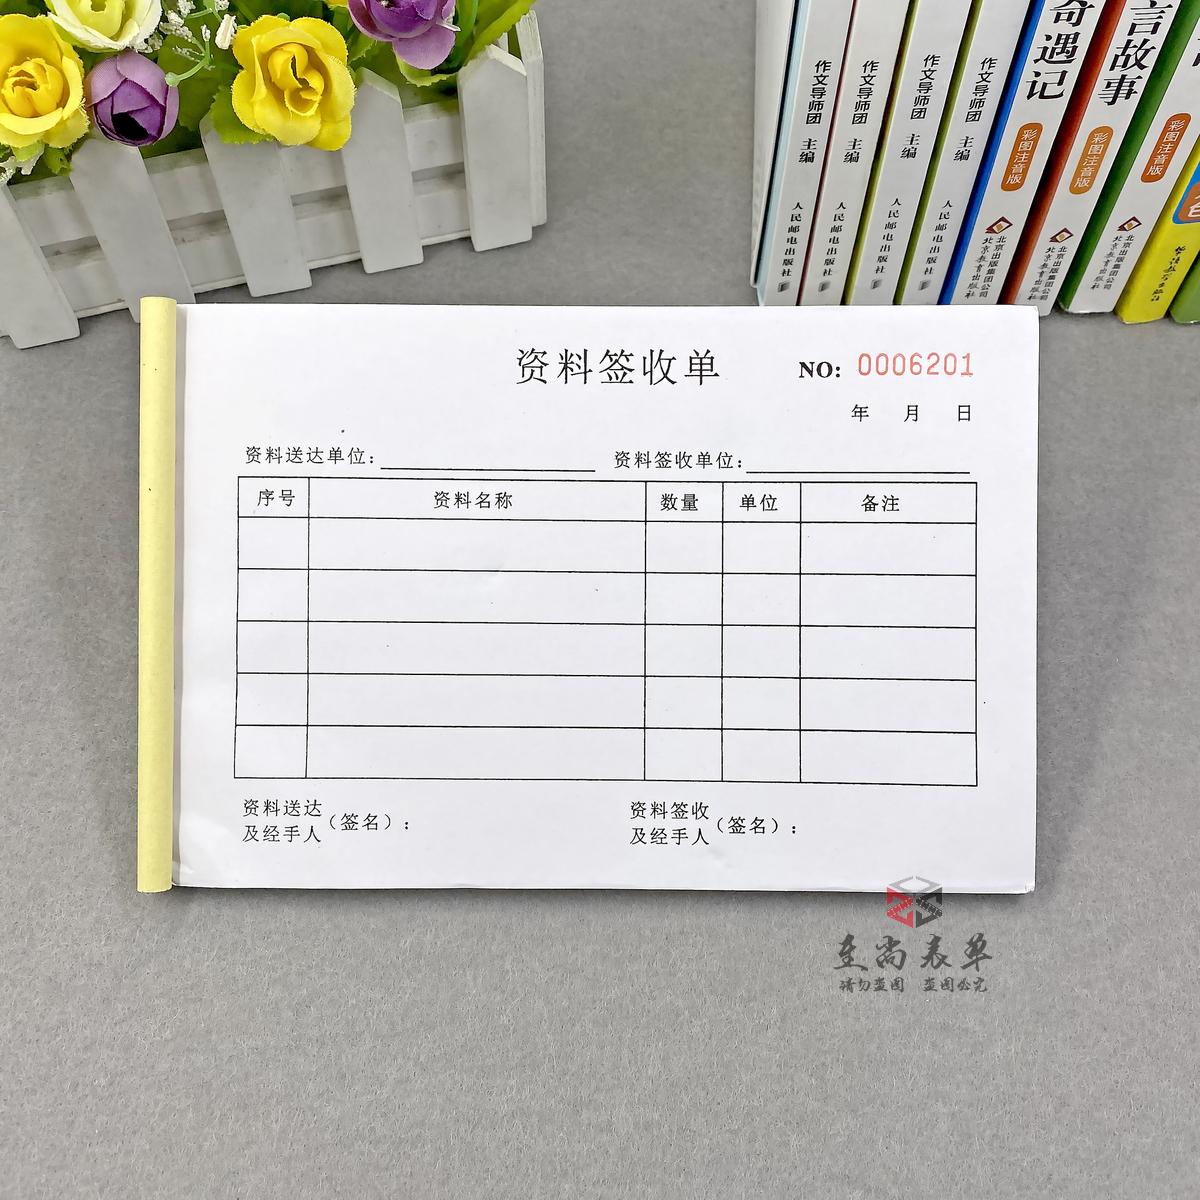 公司单位资料签收单二联定做工程资料移交签收单文件签收记录表格